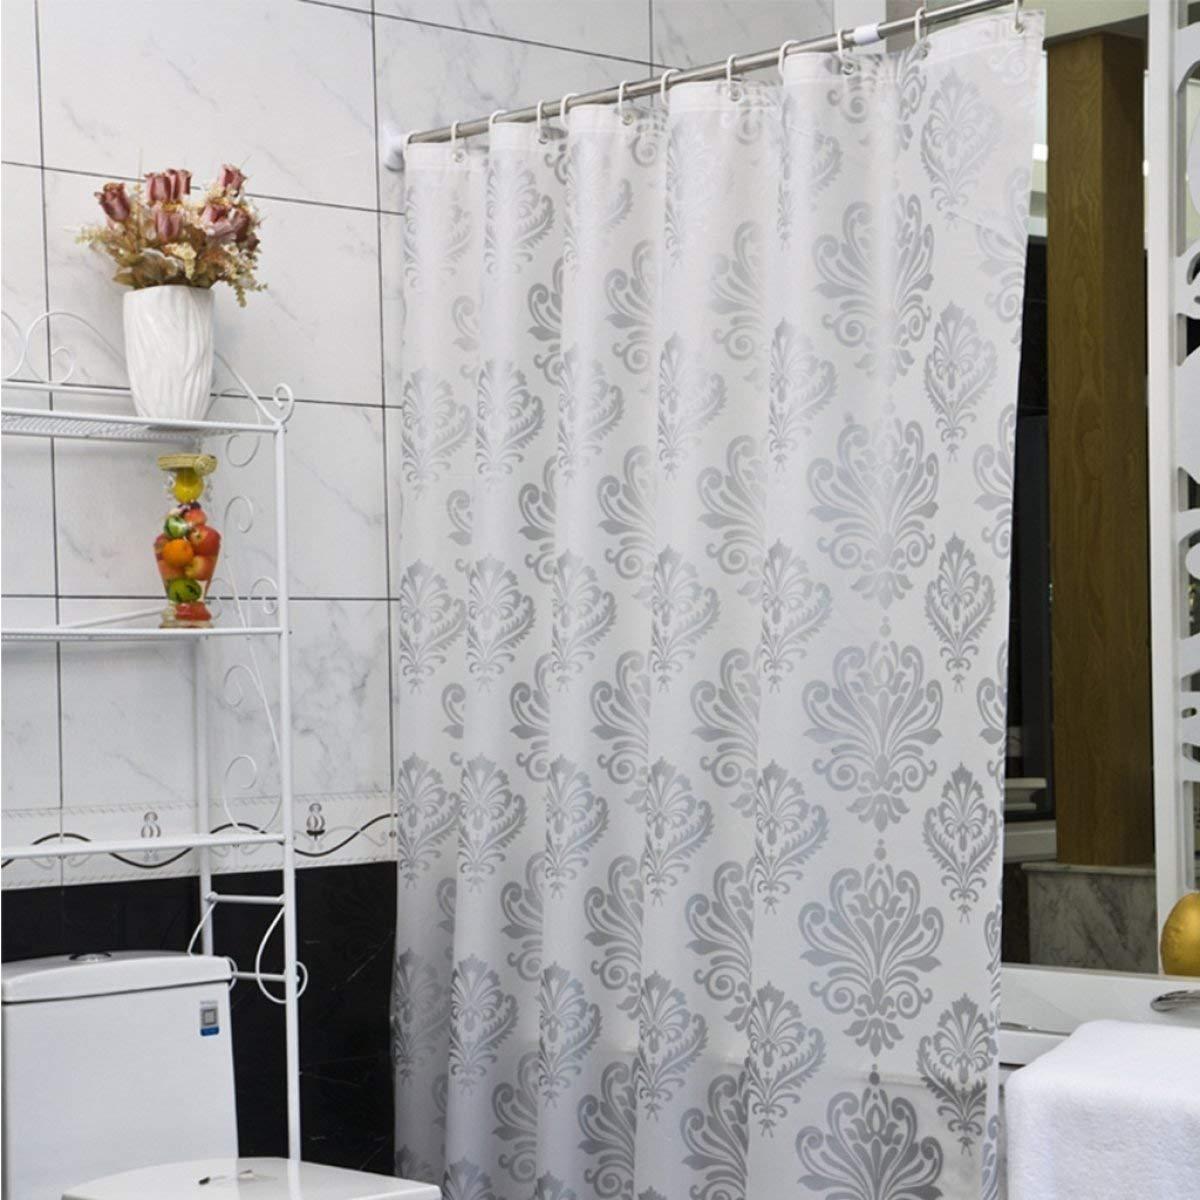 Der European Pastoral Style Foggy Translucent Matt Thickening EVA Bathroom Free Punching Shower Curtain Waterproof and Mildew Bathroom Accessories (Size : 180cm180cm) by Der (Image #1)